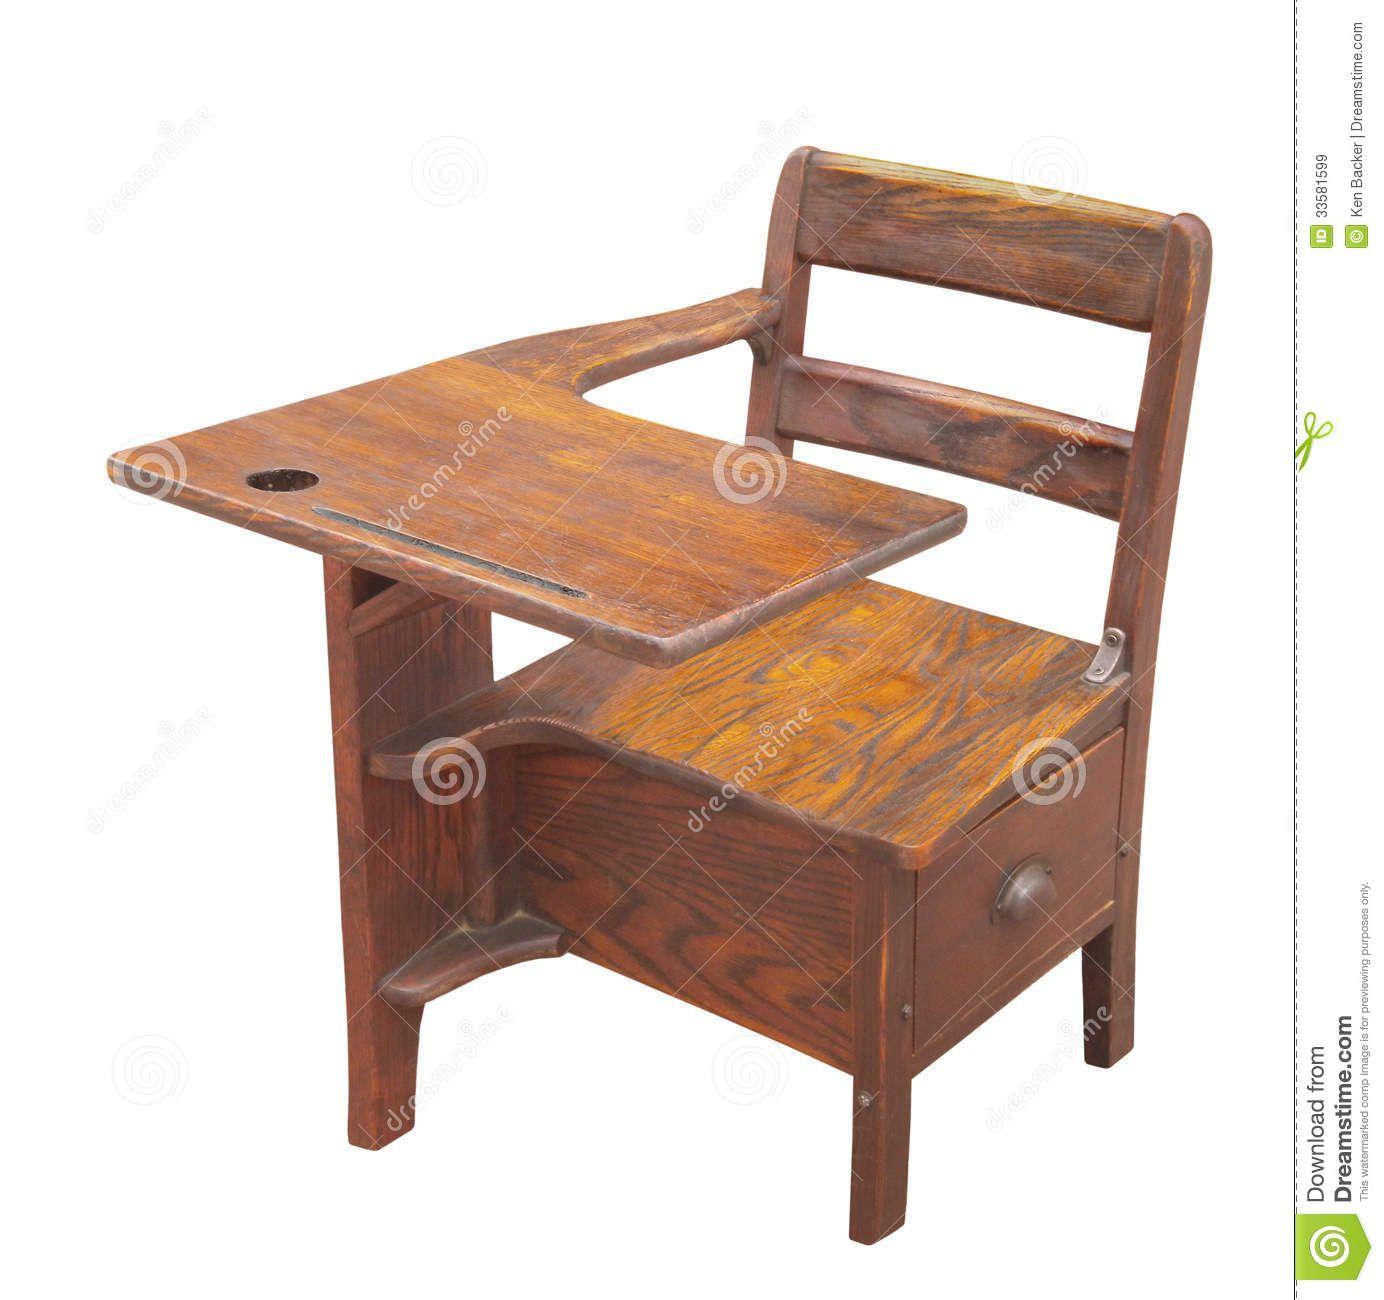 old-school-desks - Google Search | Old School Desk in 2019 ...